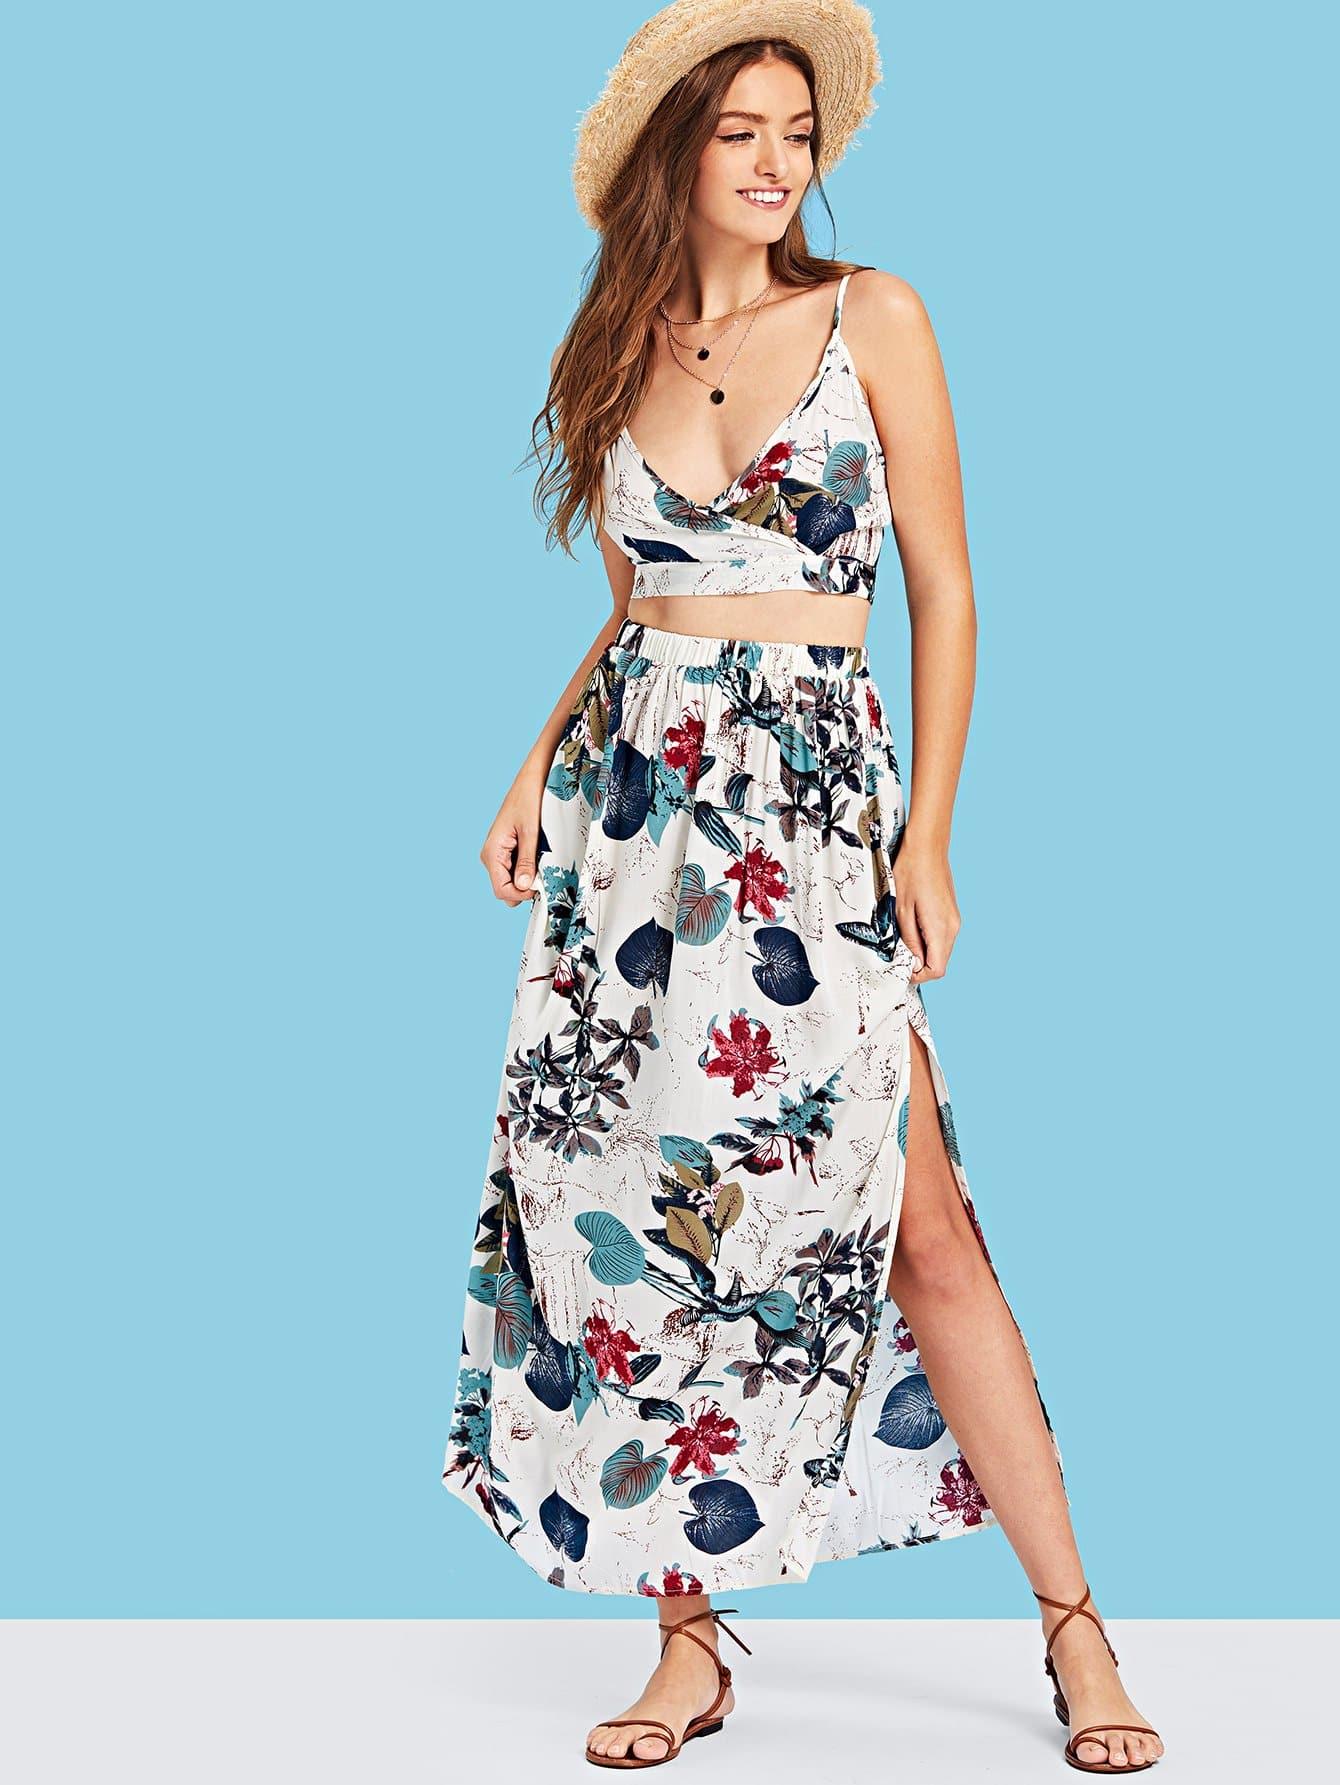 Botanical Print Surplice Wrap Crop Top and Skirt Set cherry print surplice wrap top